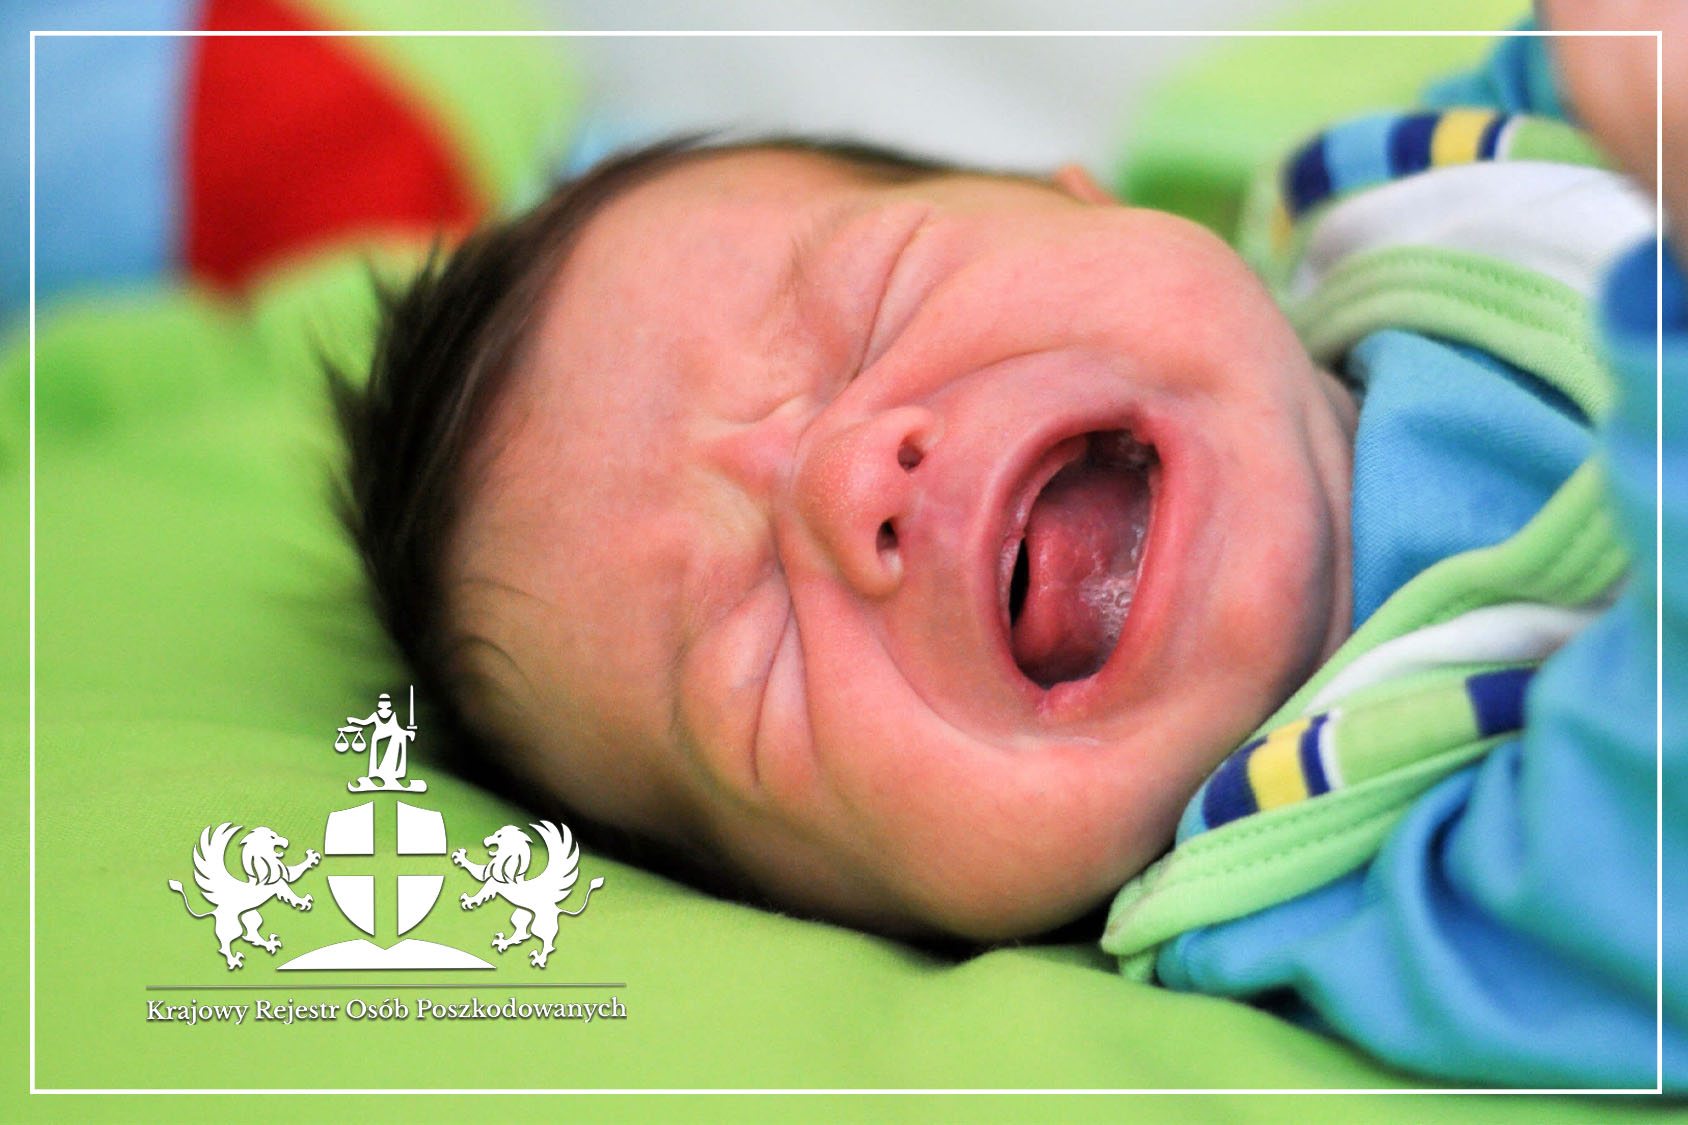 Dziecięce porażenie mózgowe niemowlę